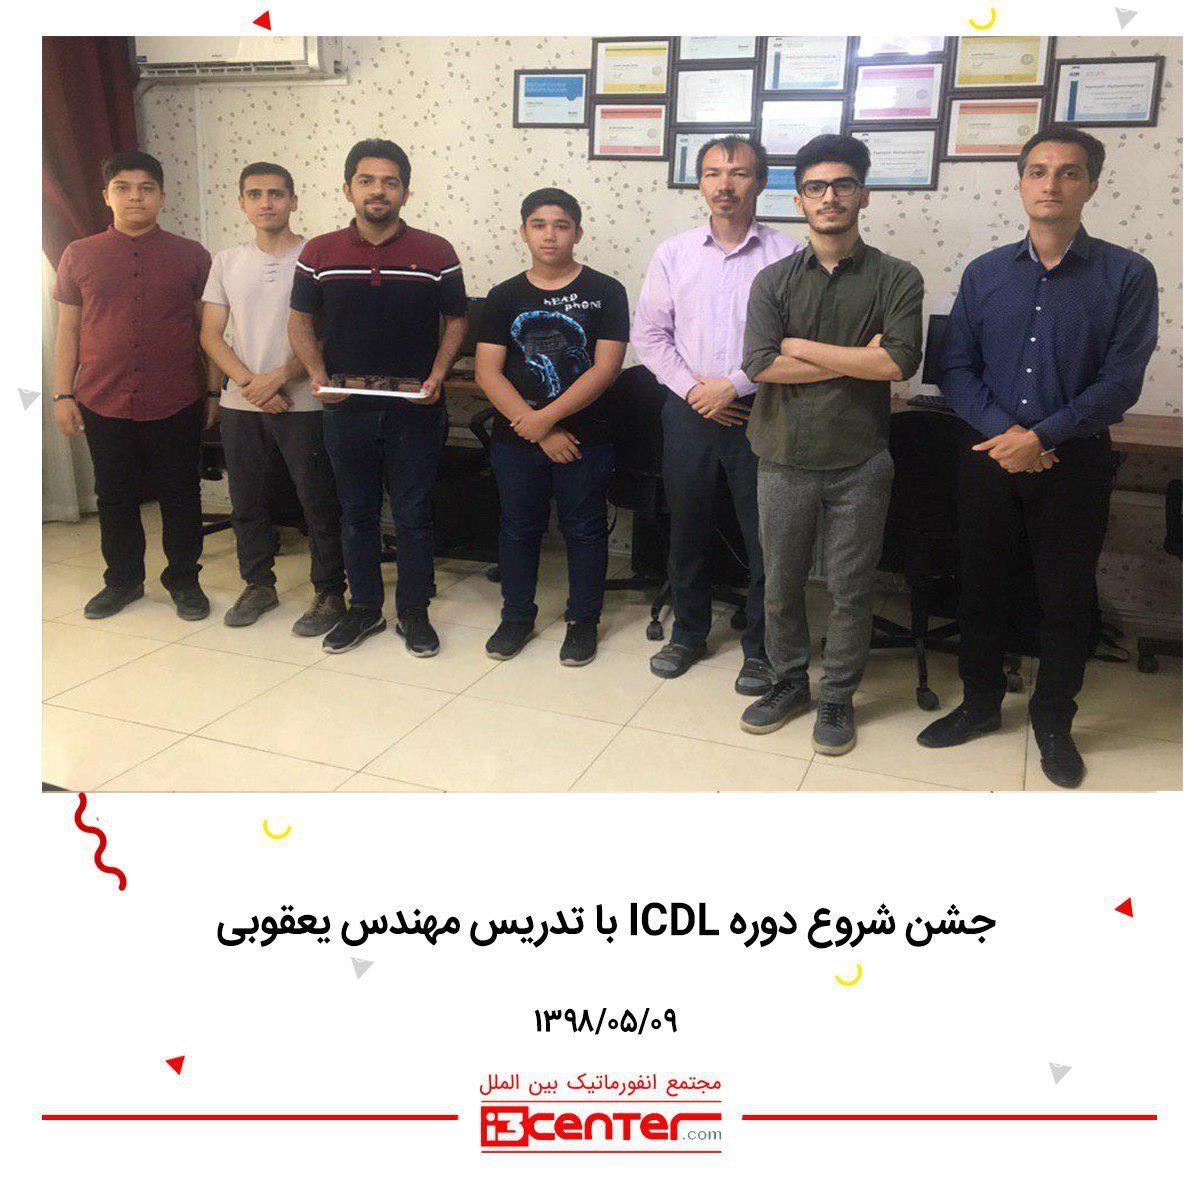 جشن شروع دوره ICDL با تدریس مهندس یعقوبی